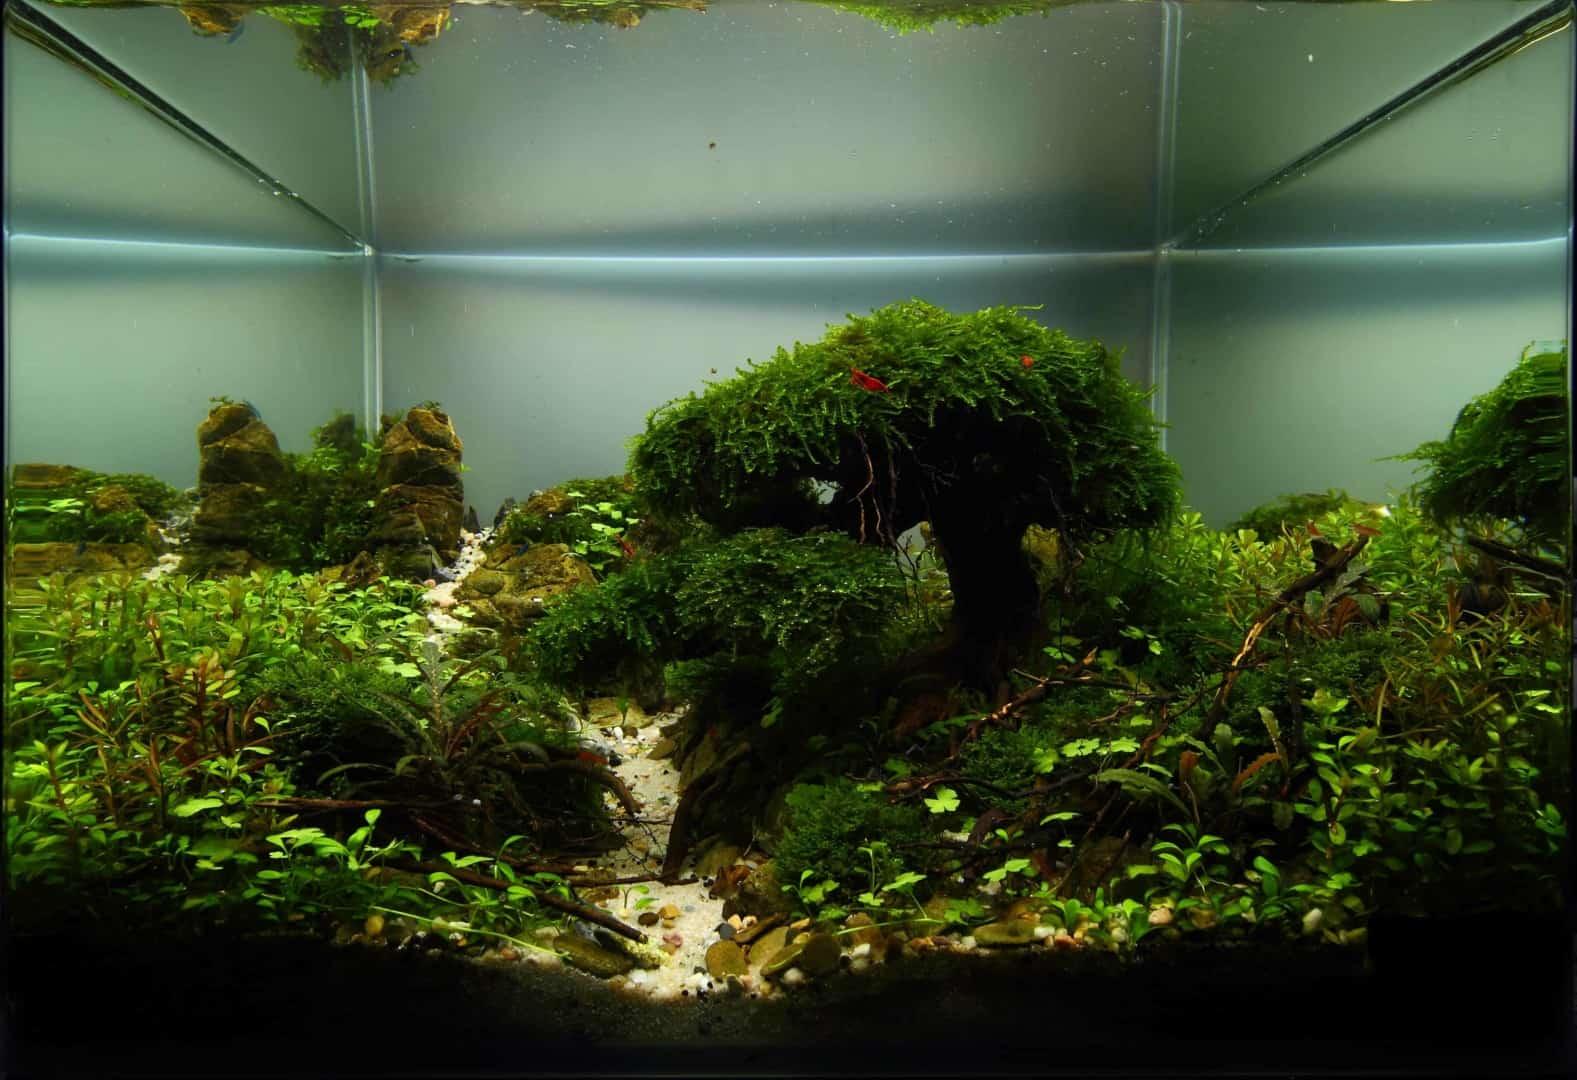 191 - The Art of the Planted Aquarium - Neuheiten und Möglichkeiten zum Mitmachen im April 2019 (Stefanie Hesse) 34